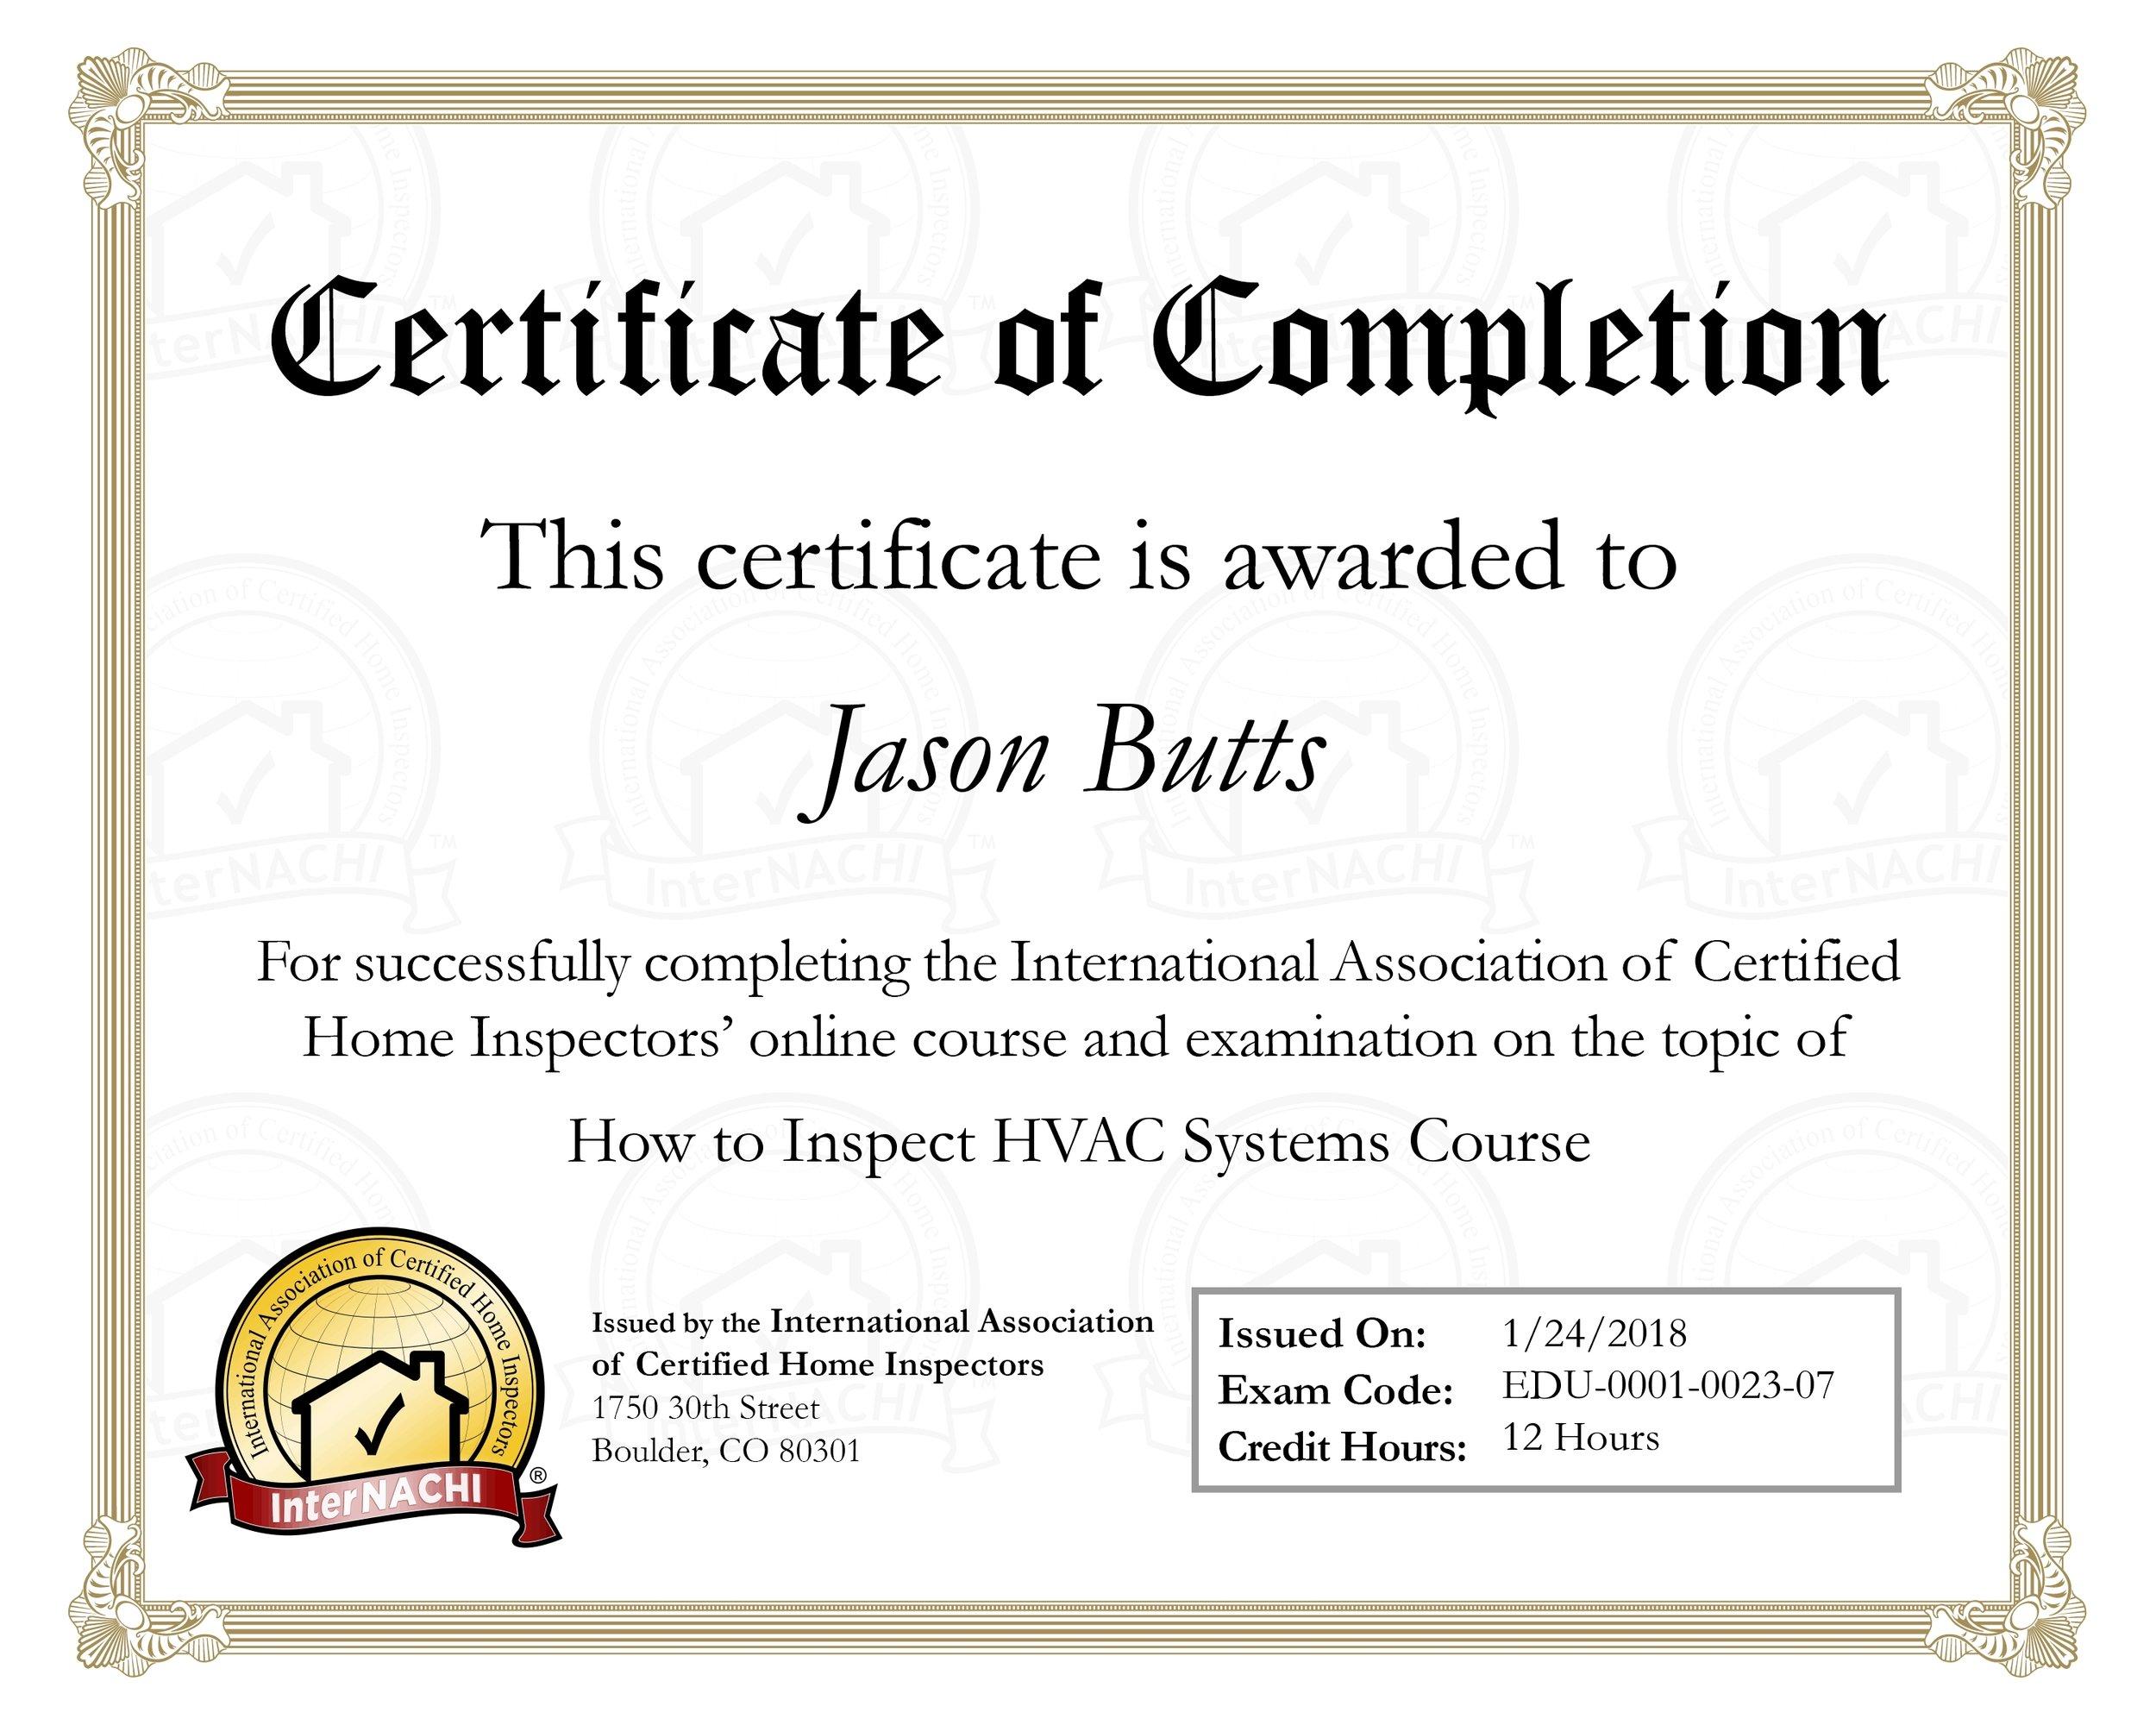 jbutts2_certificate_65.jpg